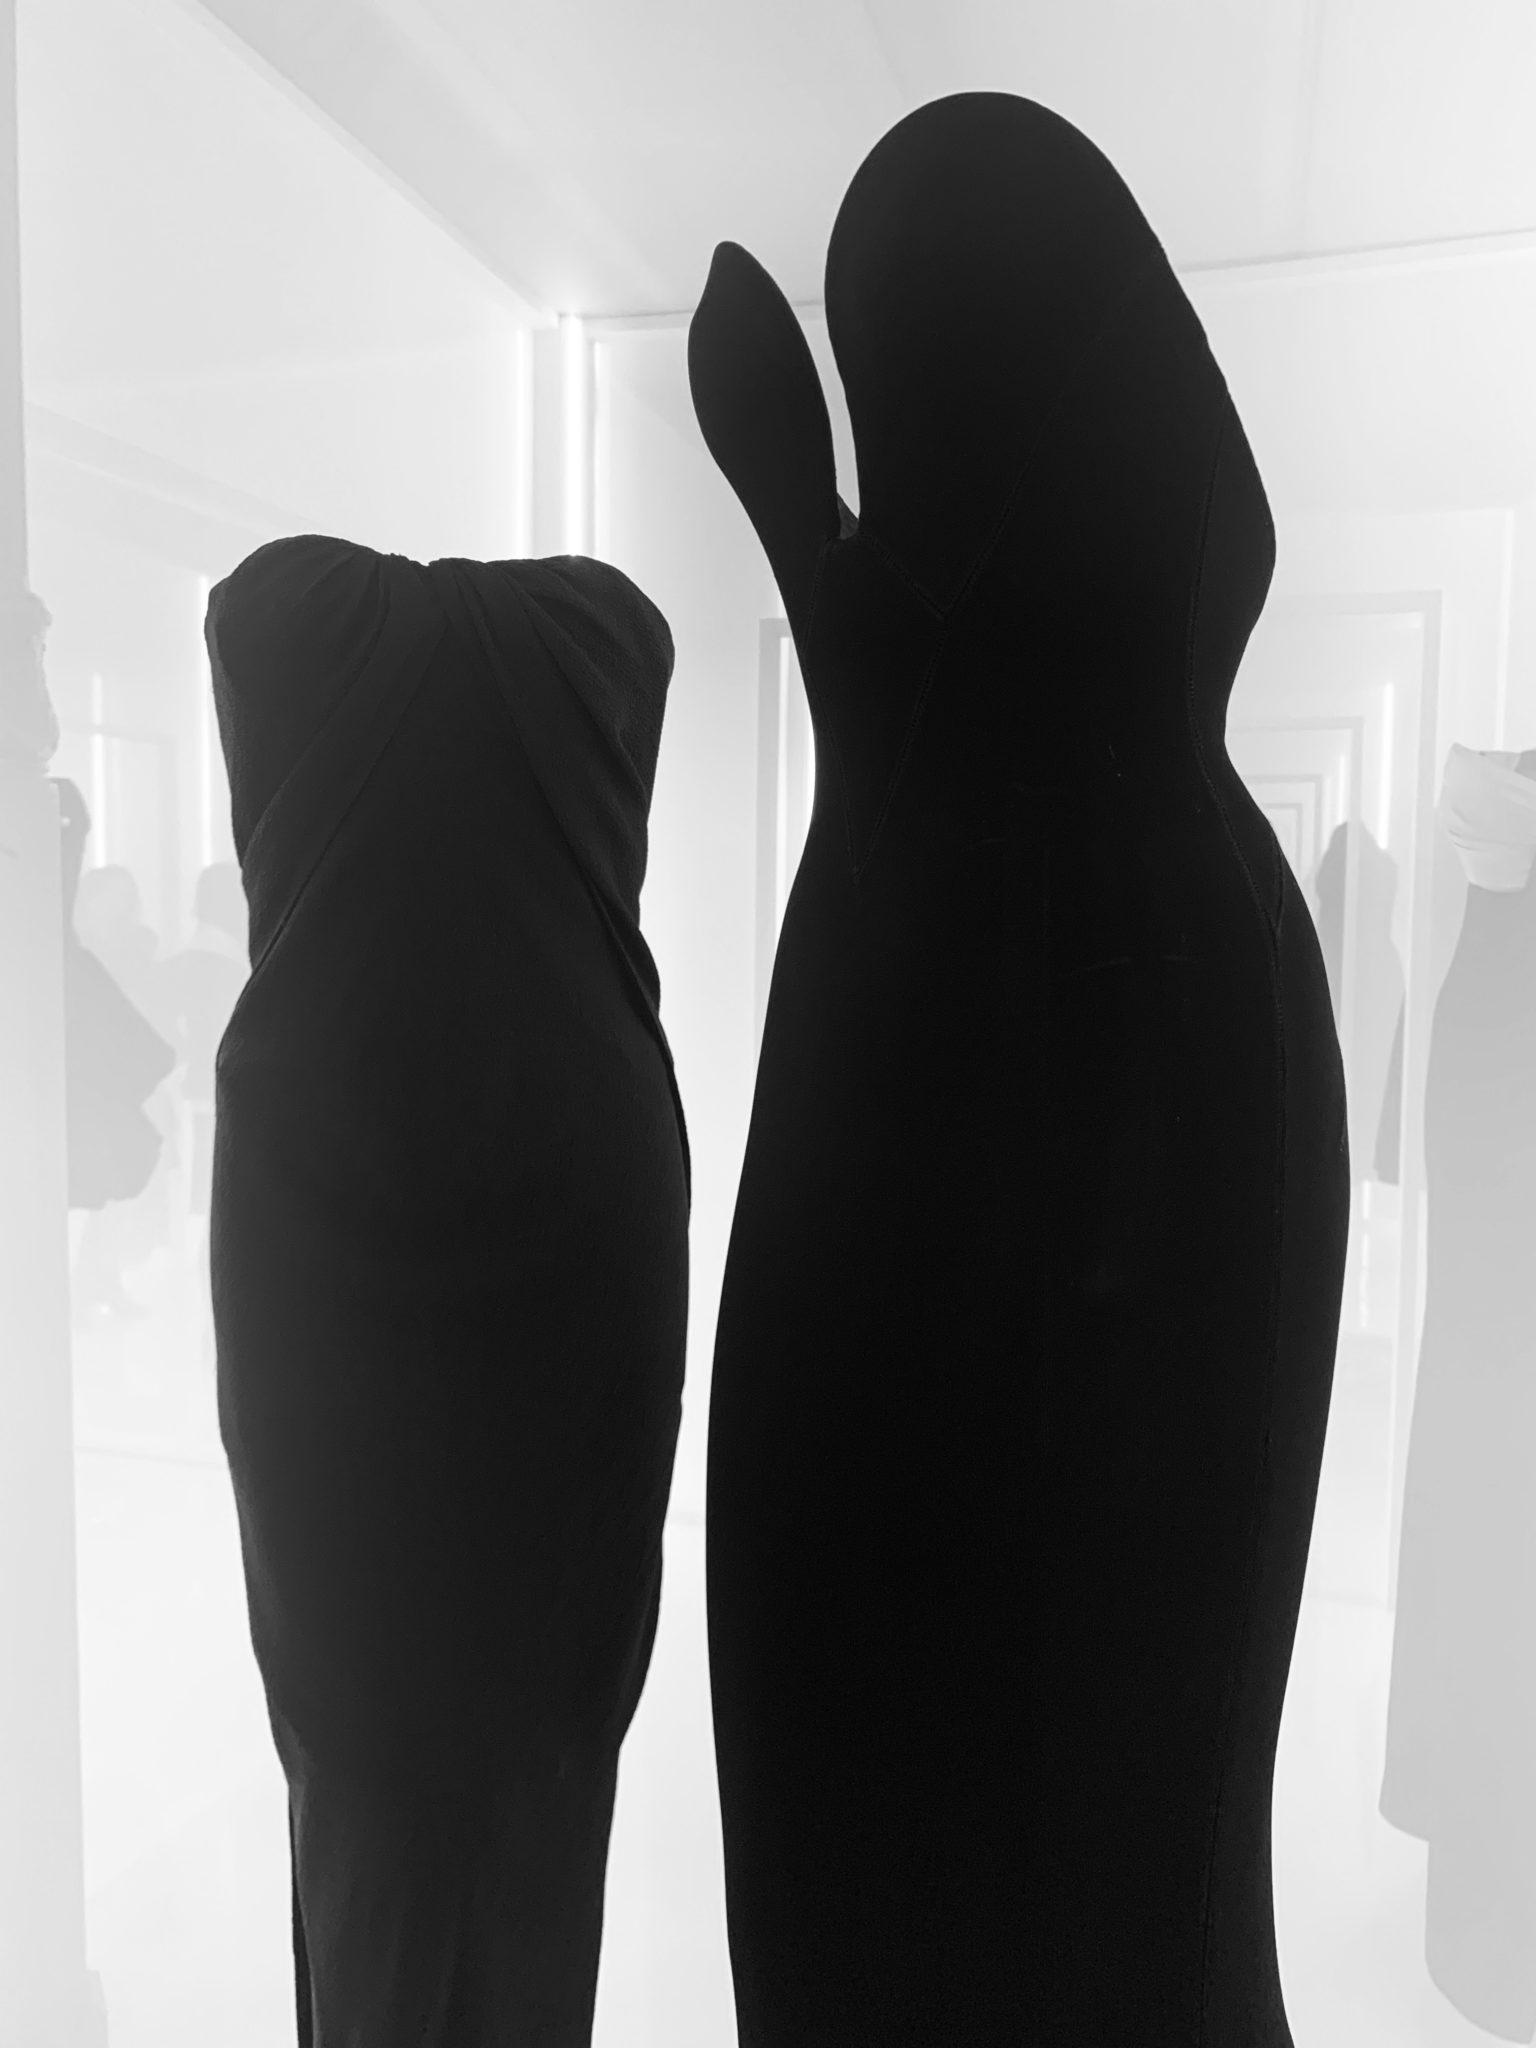 Azzedine Alaïa collectionneur – Alaïa et Balenciaga sculpteurs de la forme, Association Azzedine Alaïa, Paris, Photo ARTVISIONS